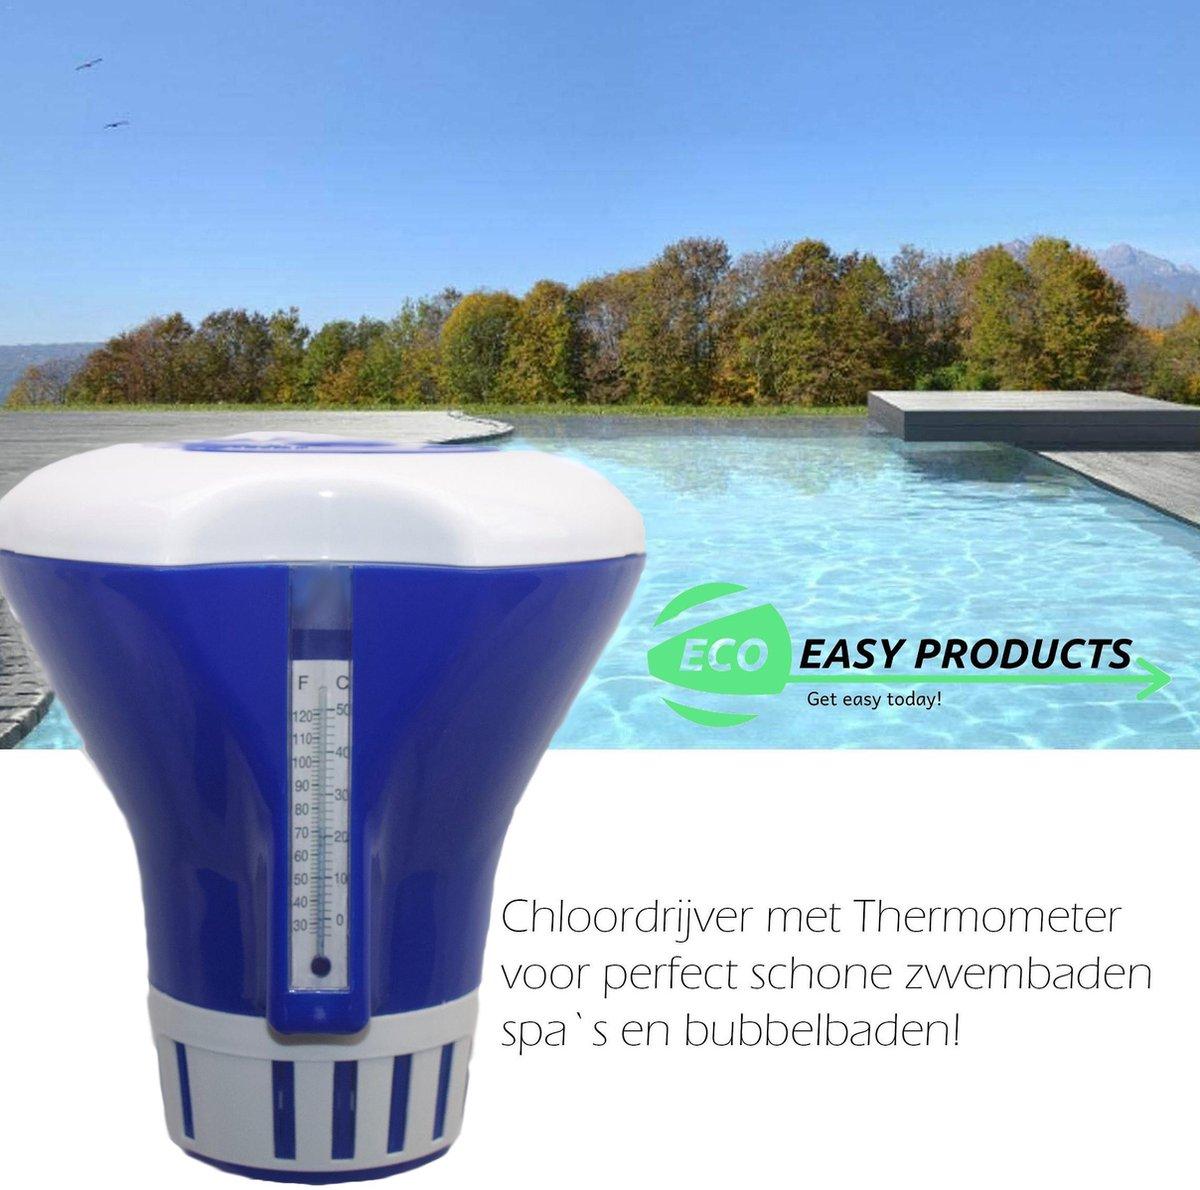 Chloordrijver XXL met thermometer - Chloordrijver - Dispenser - Reiniging - Jacuzzi - Zwembad Schoonmaak Accessoire - Regelbare chloordispenser - Zomer - opblaas zwembad - Chloordrijver en Thermometer